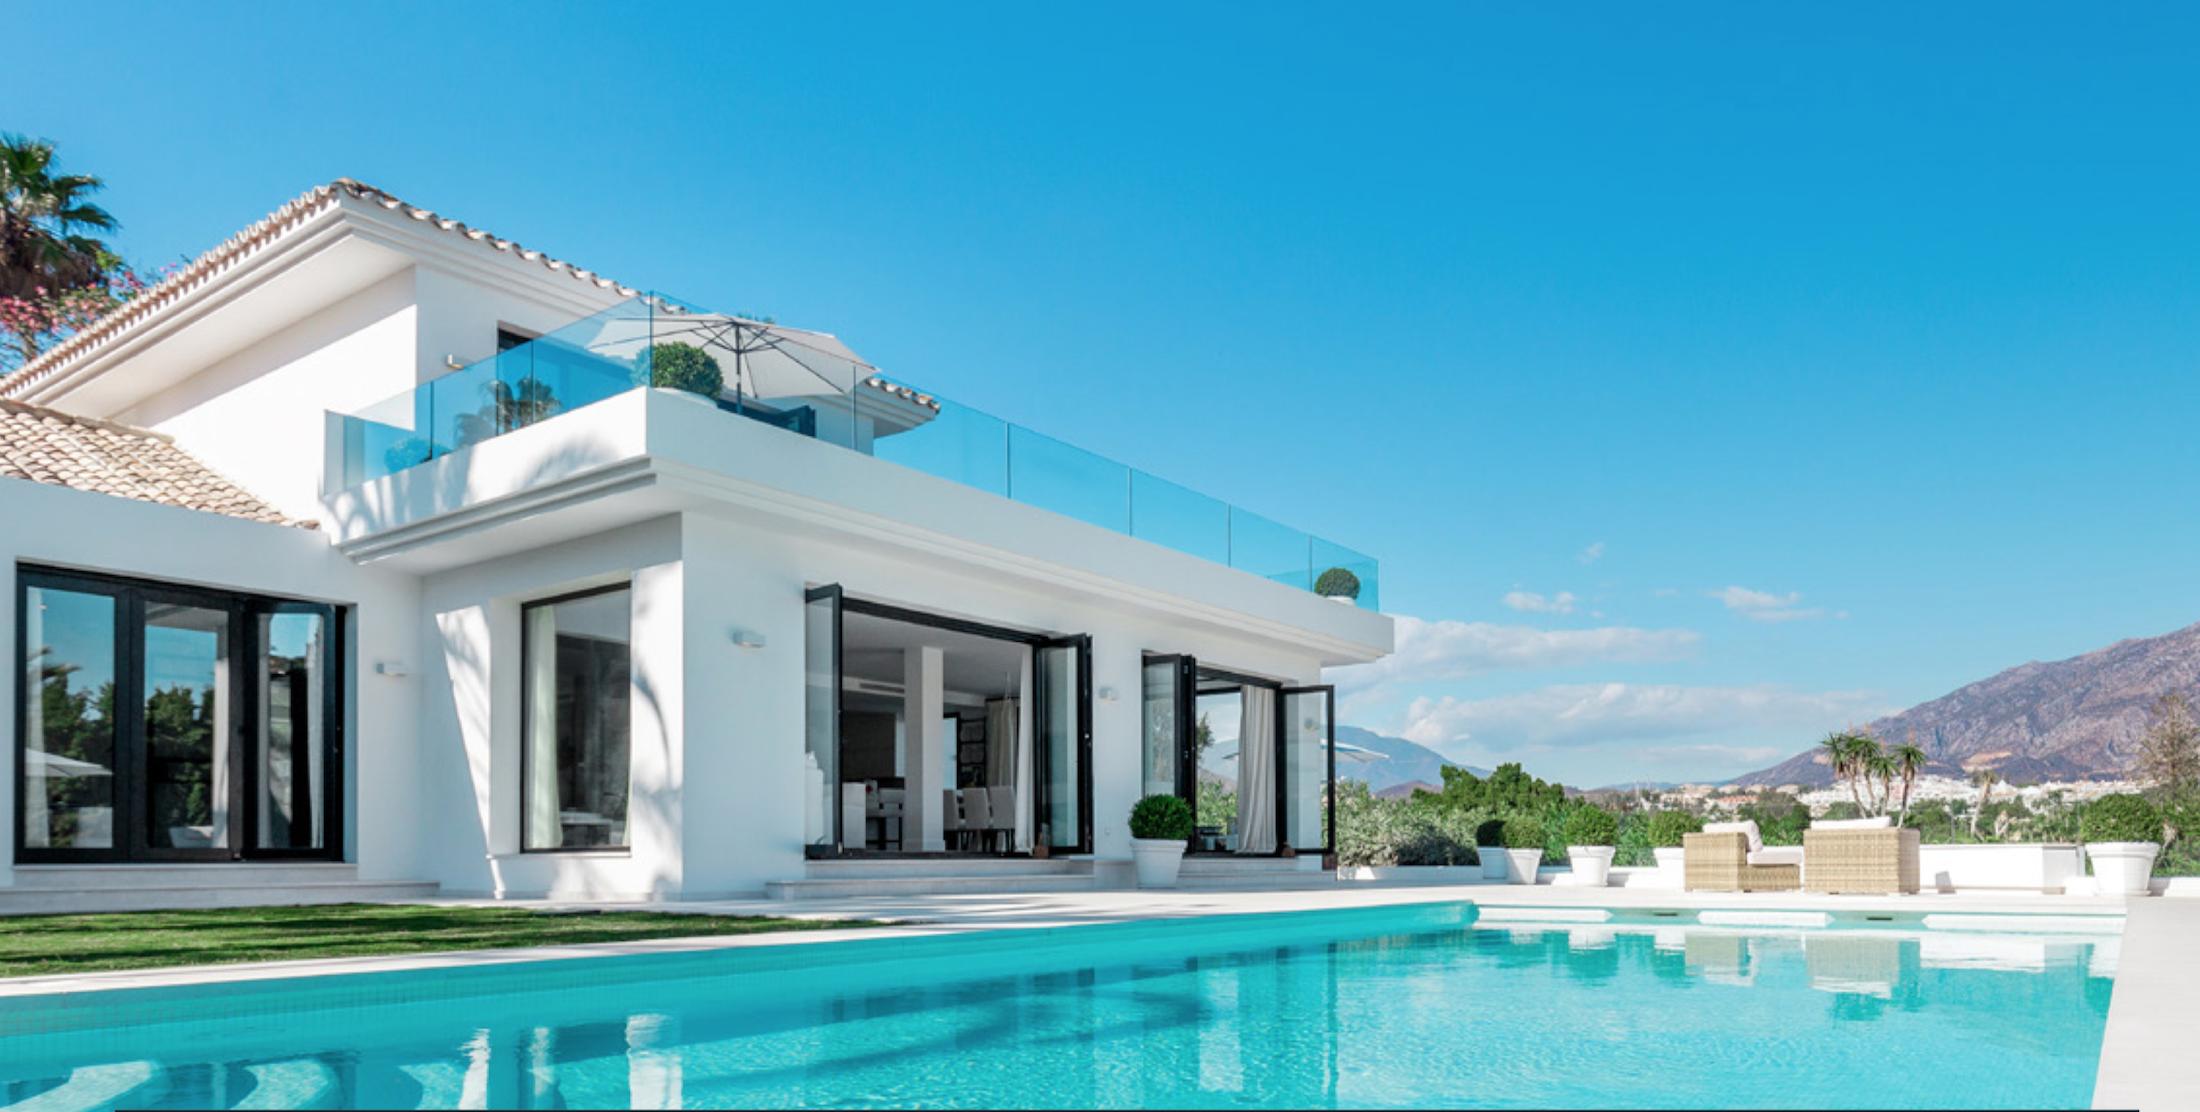 Villa Las Brisas Golf, Marbella